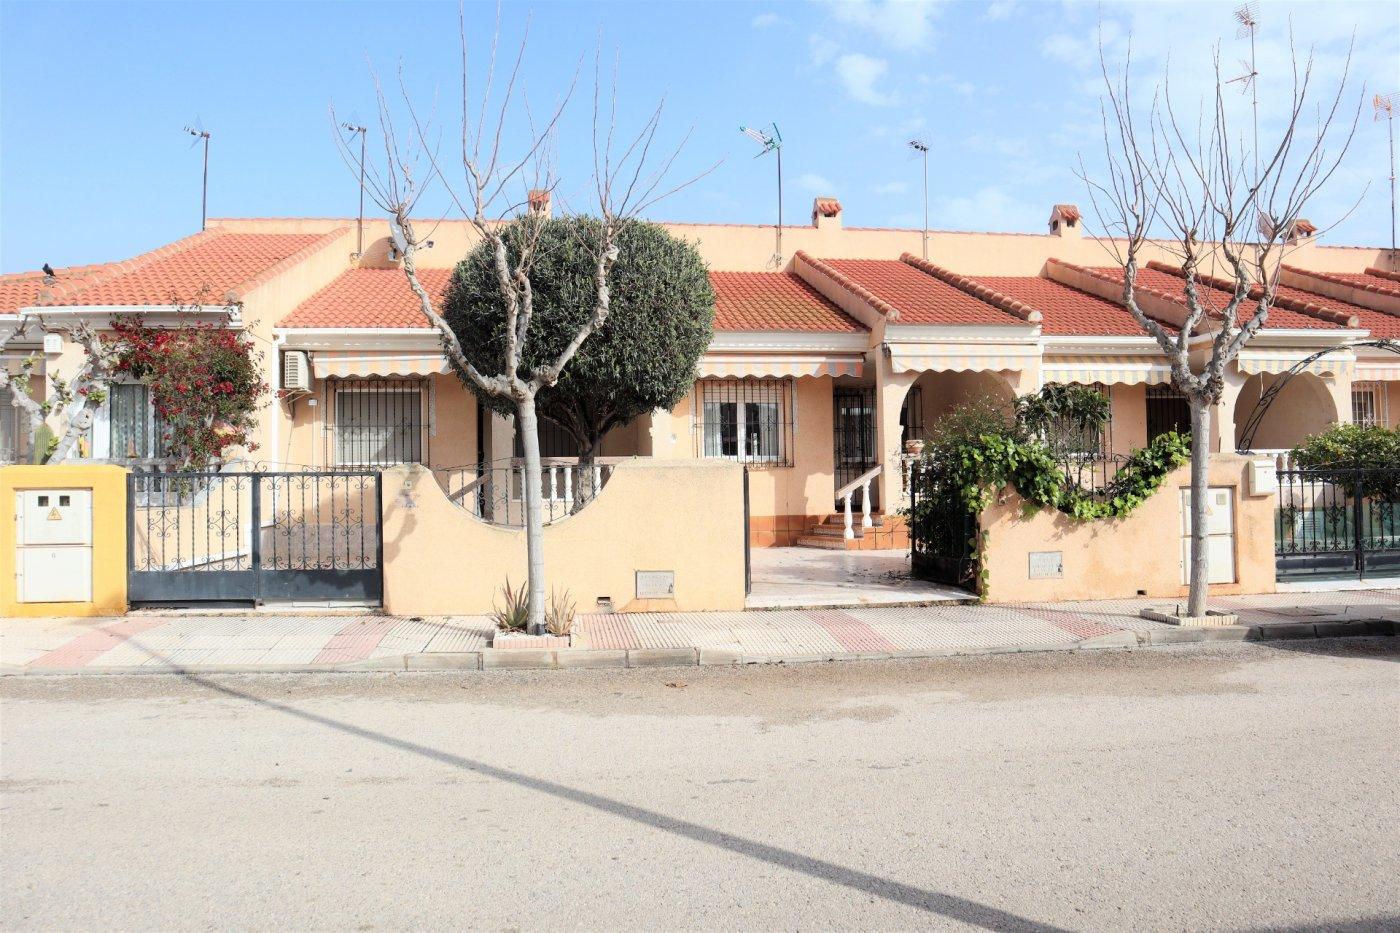 Townhouse for sale in Las Velas, Los Alcazares